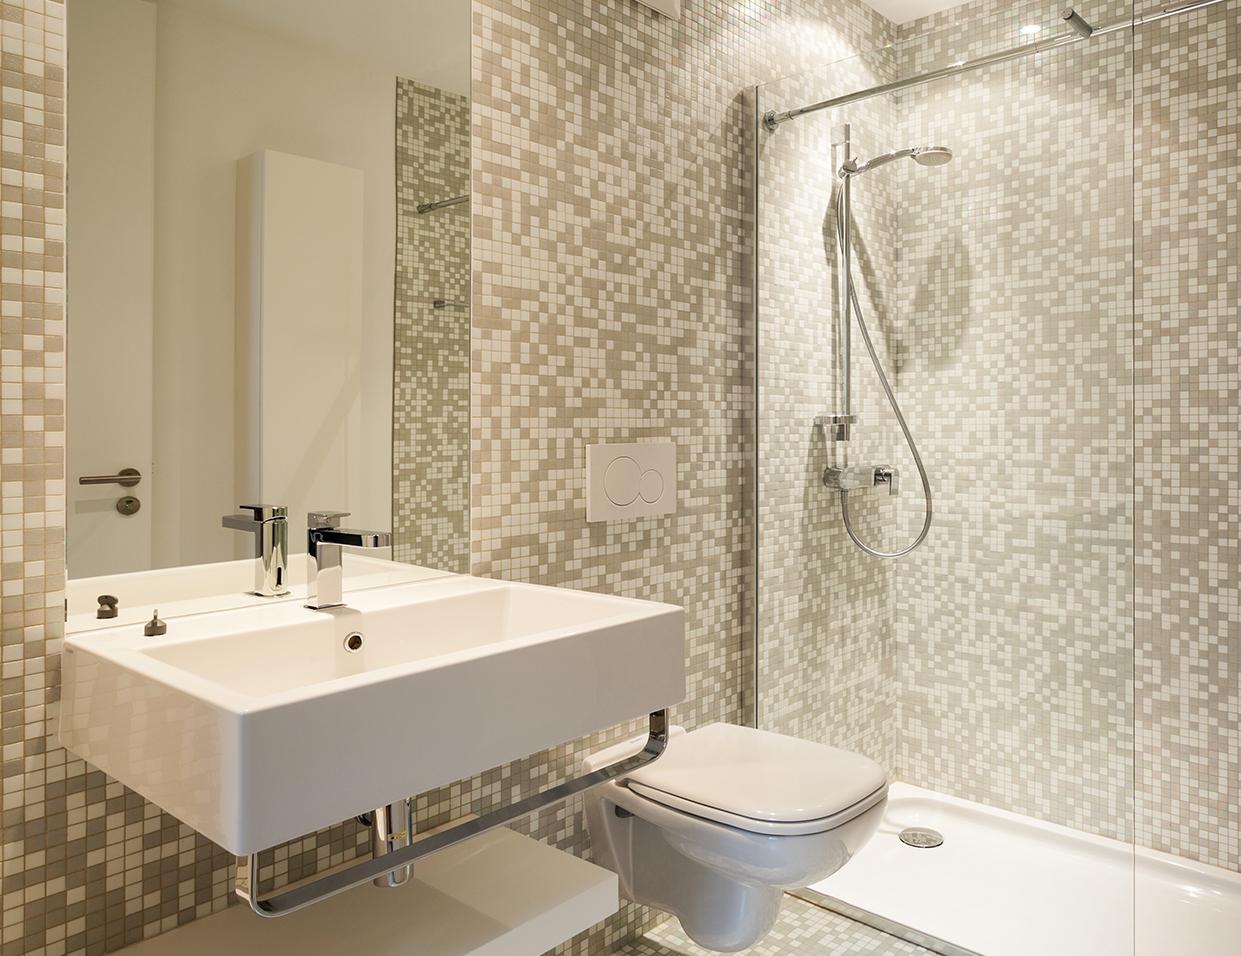 Salle de bain mosaique perfect carrelage mosaique for Mosaique salle de bain castorama